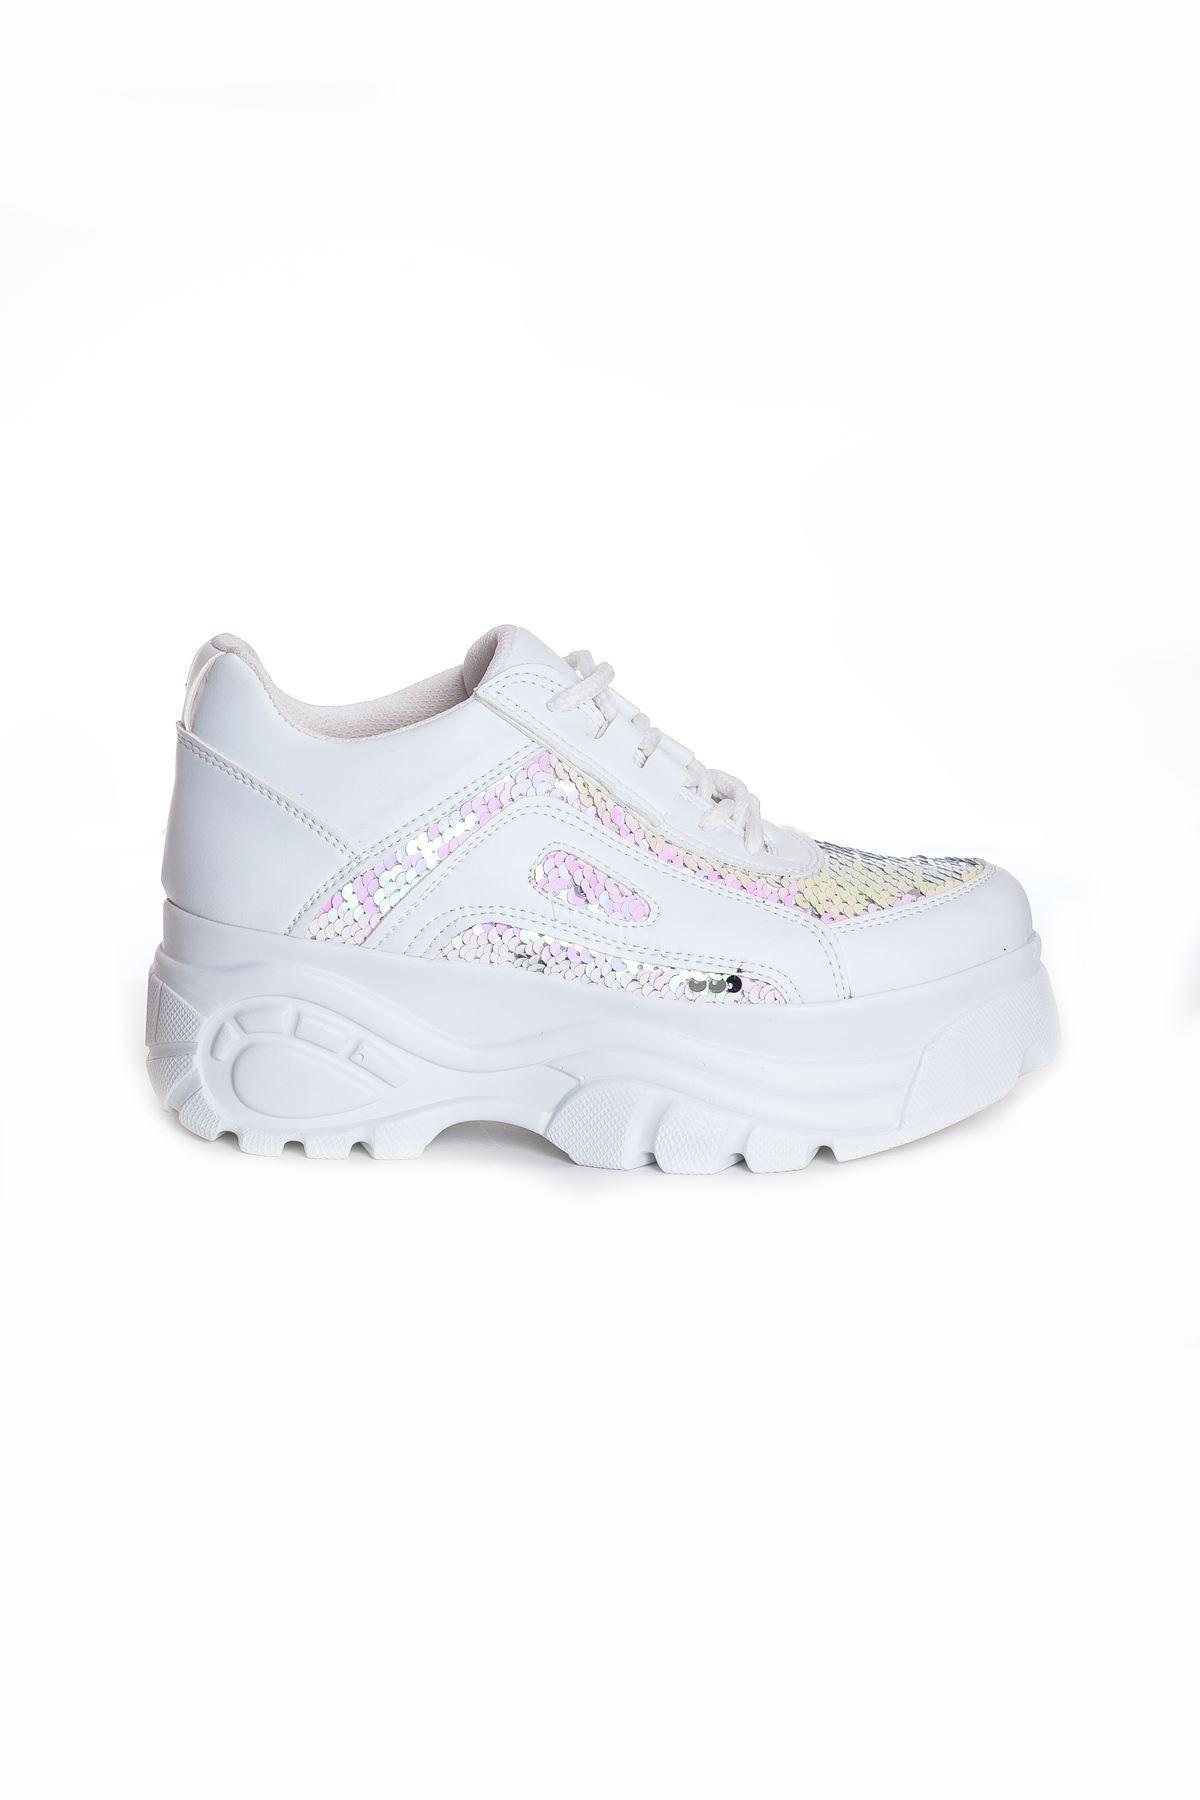 Ck-107 Beyaz Deri Pullu Spor Ayakkabı